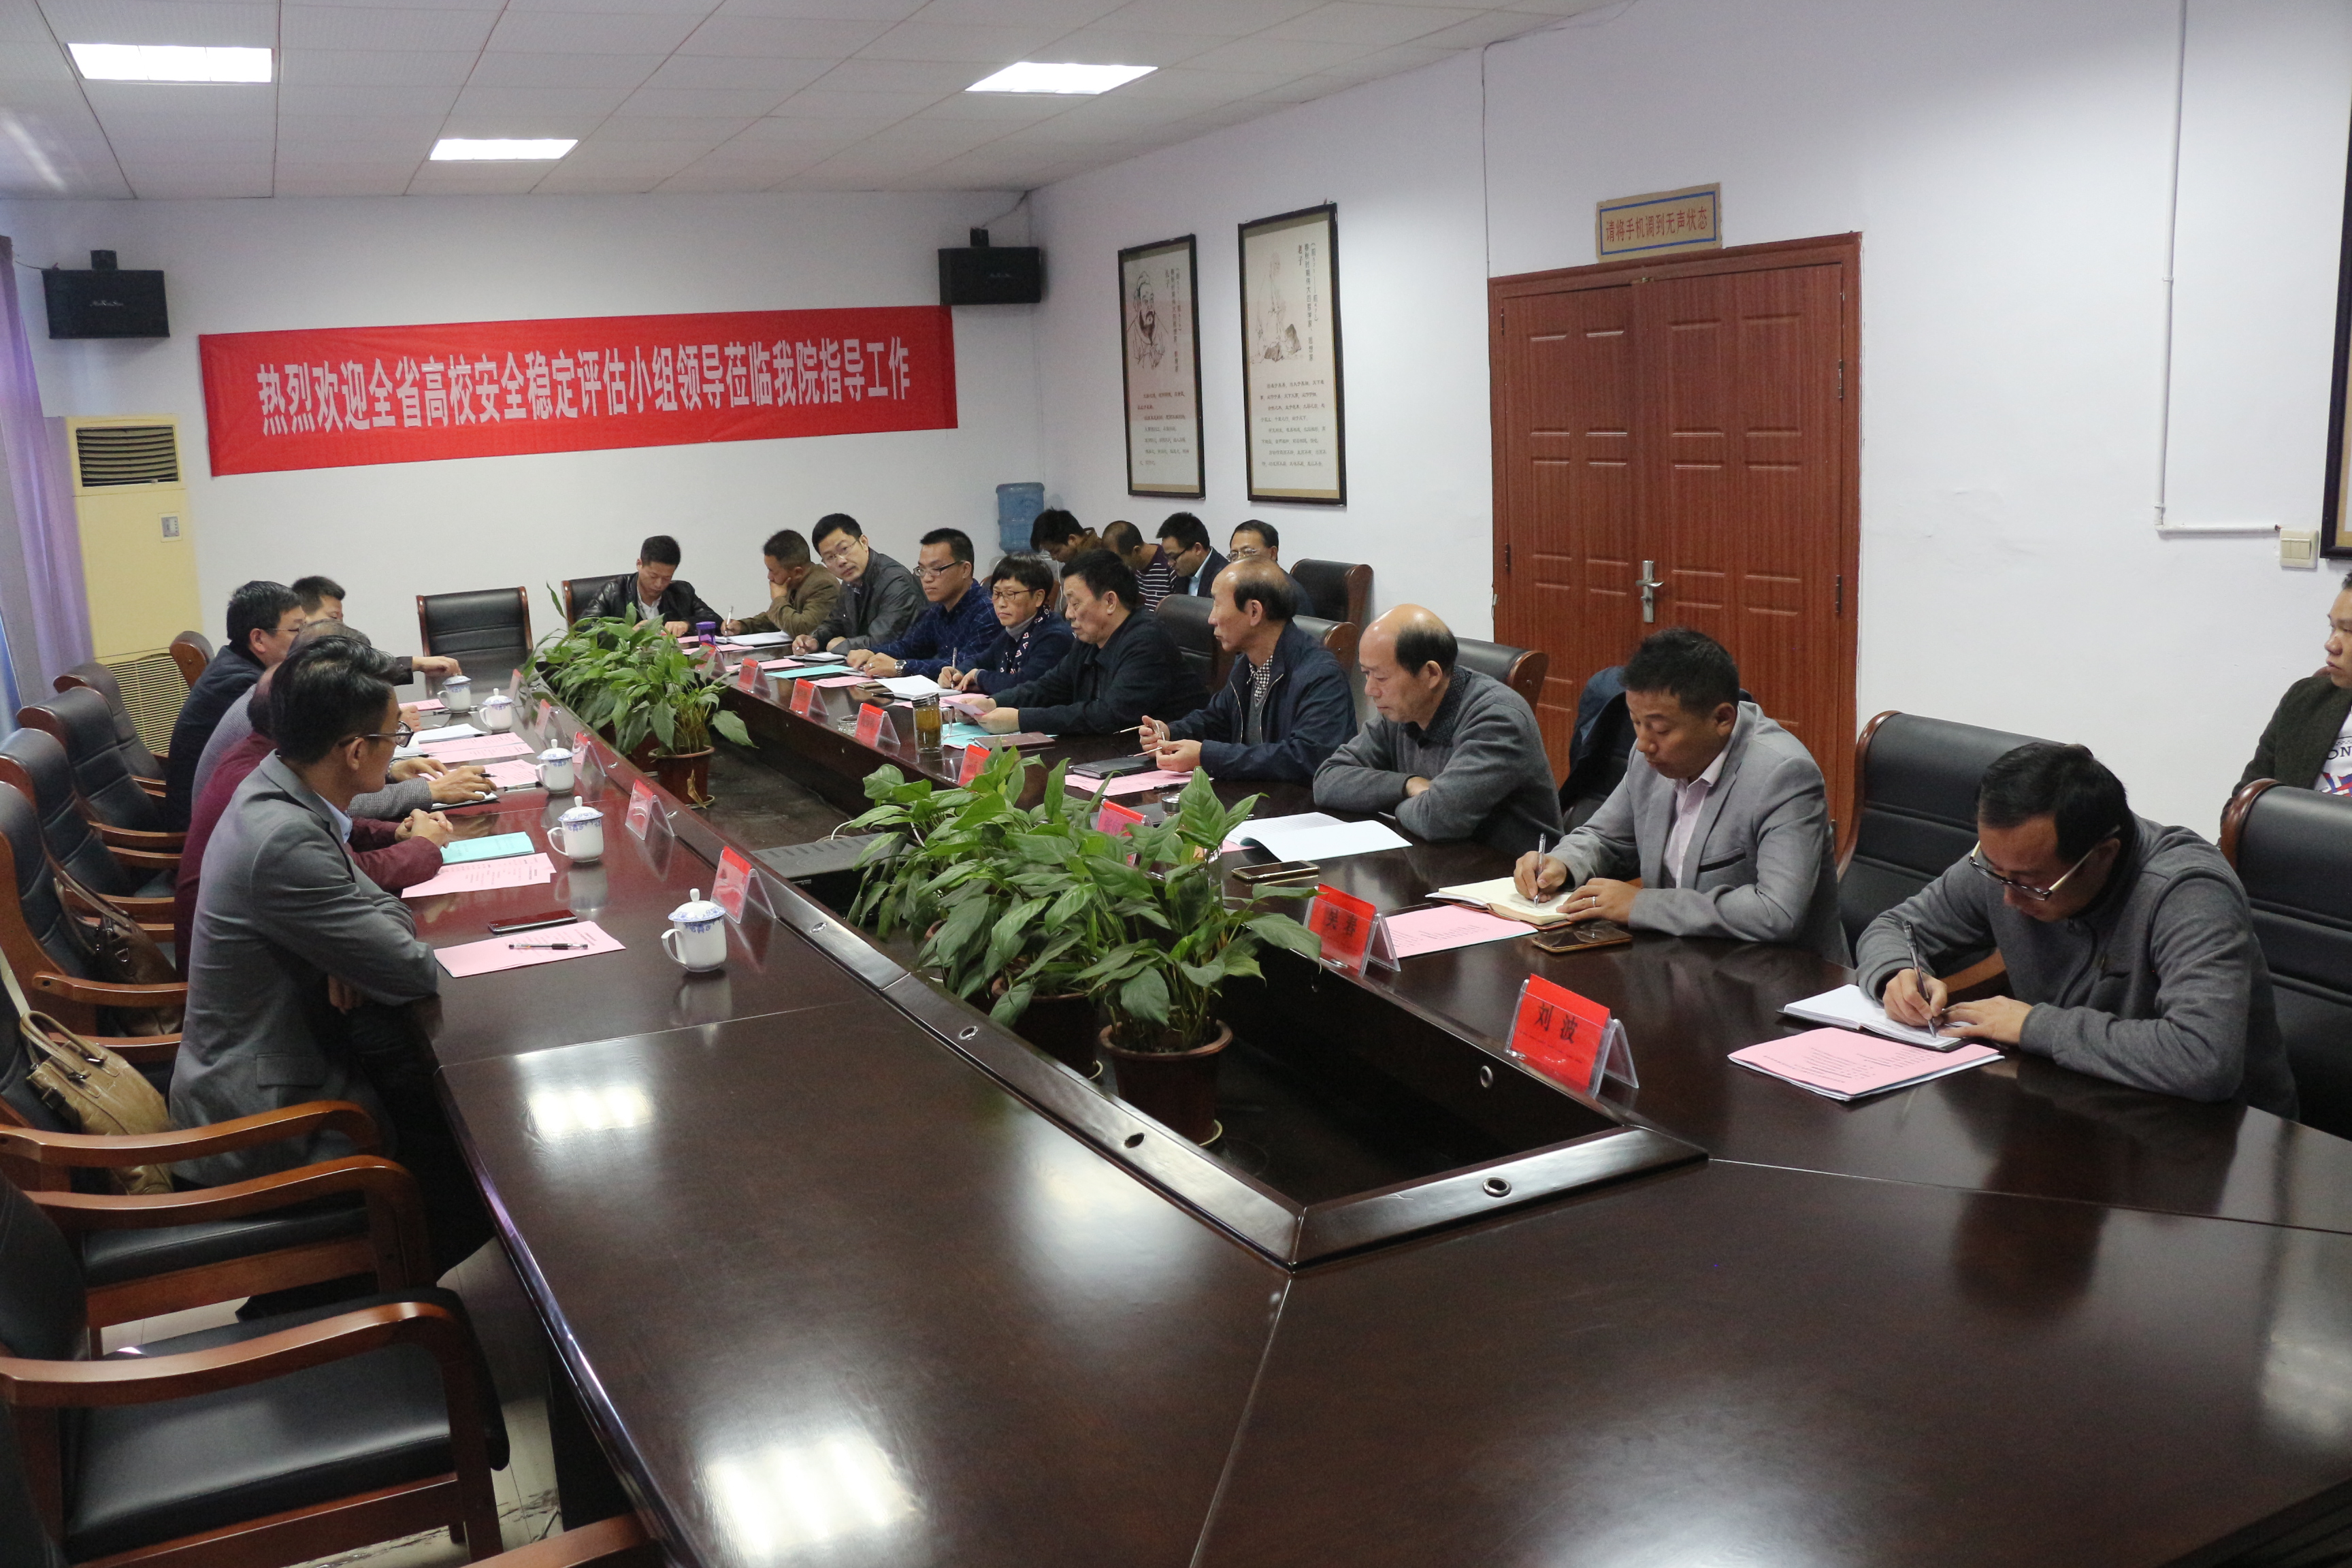 省教育厅安全稳定工作评估组领导和专家莅临我院指导工作